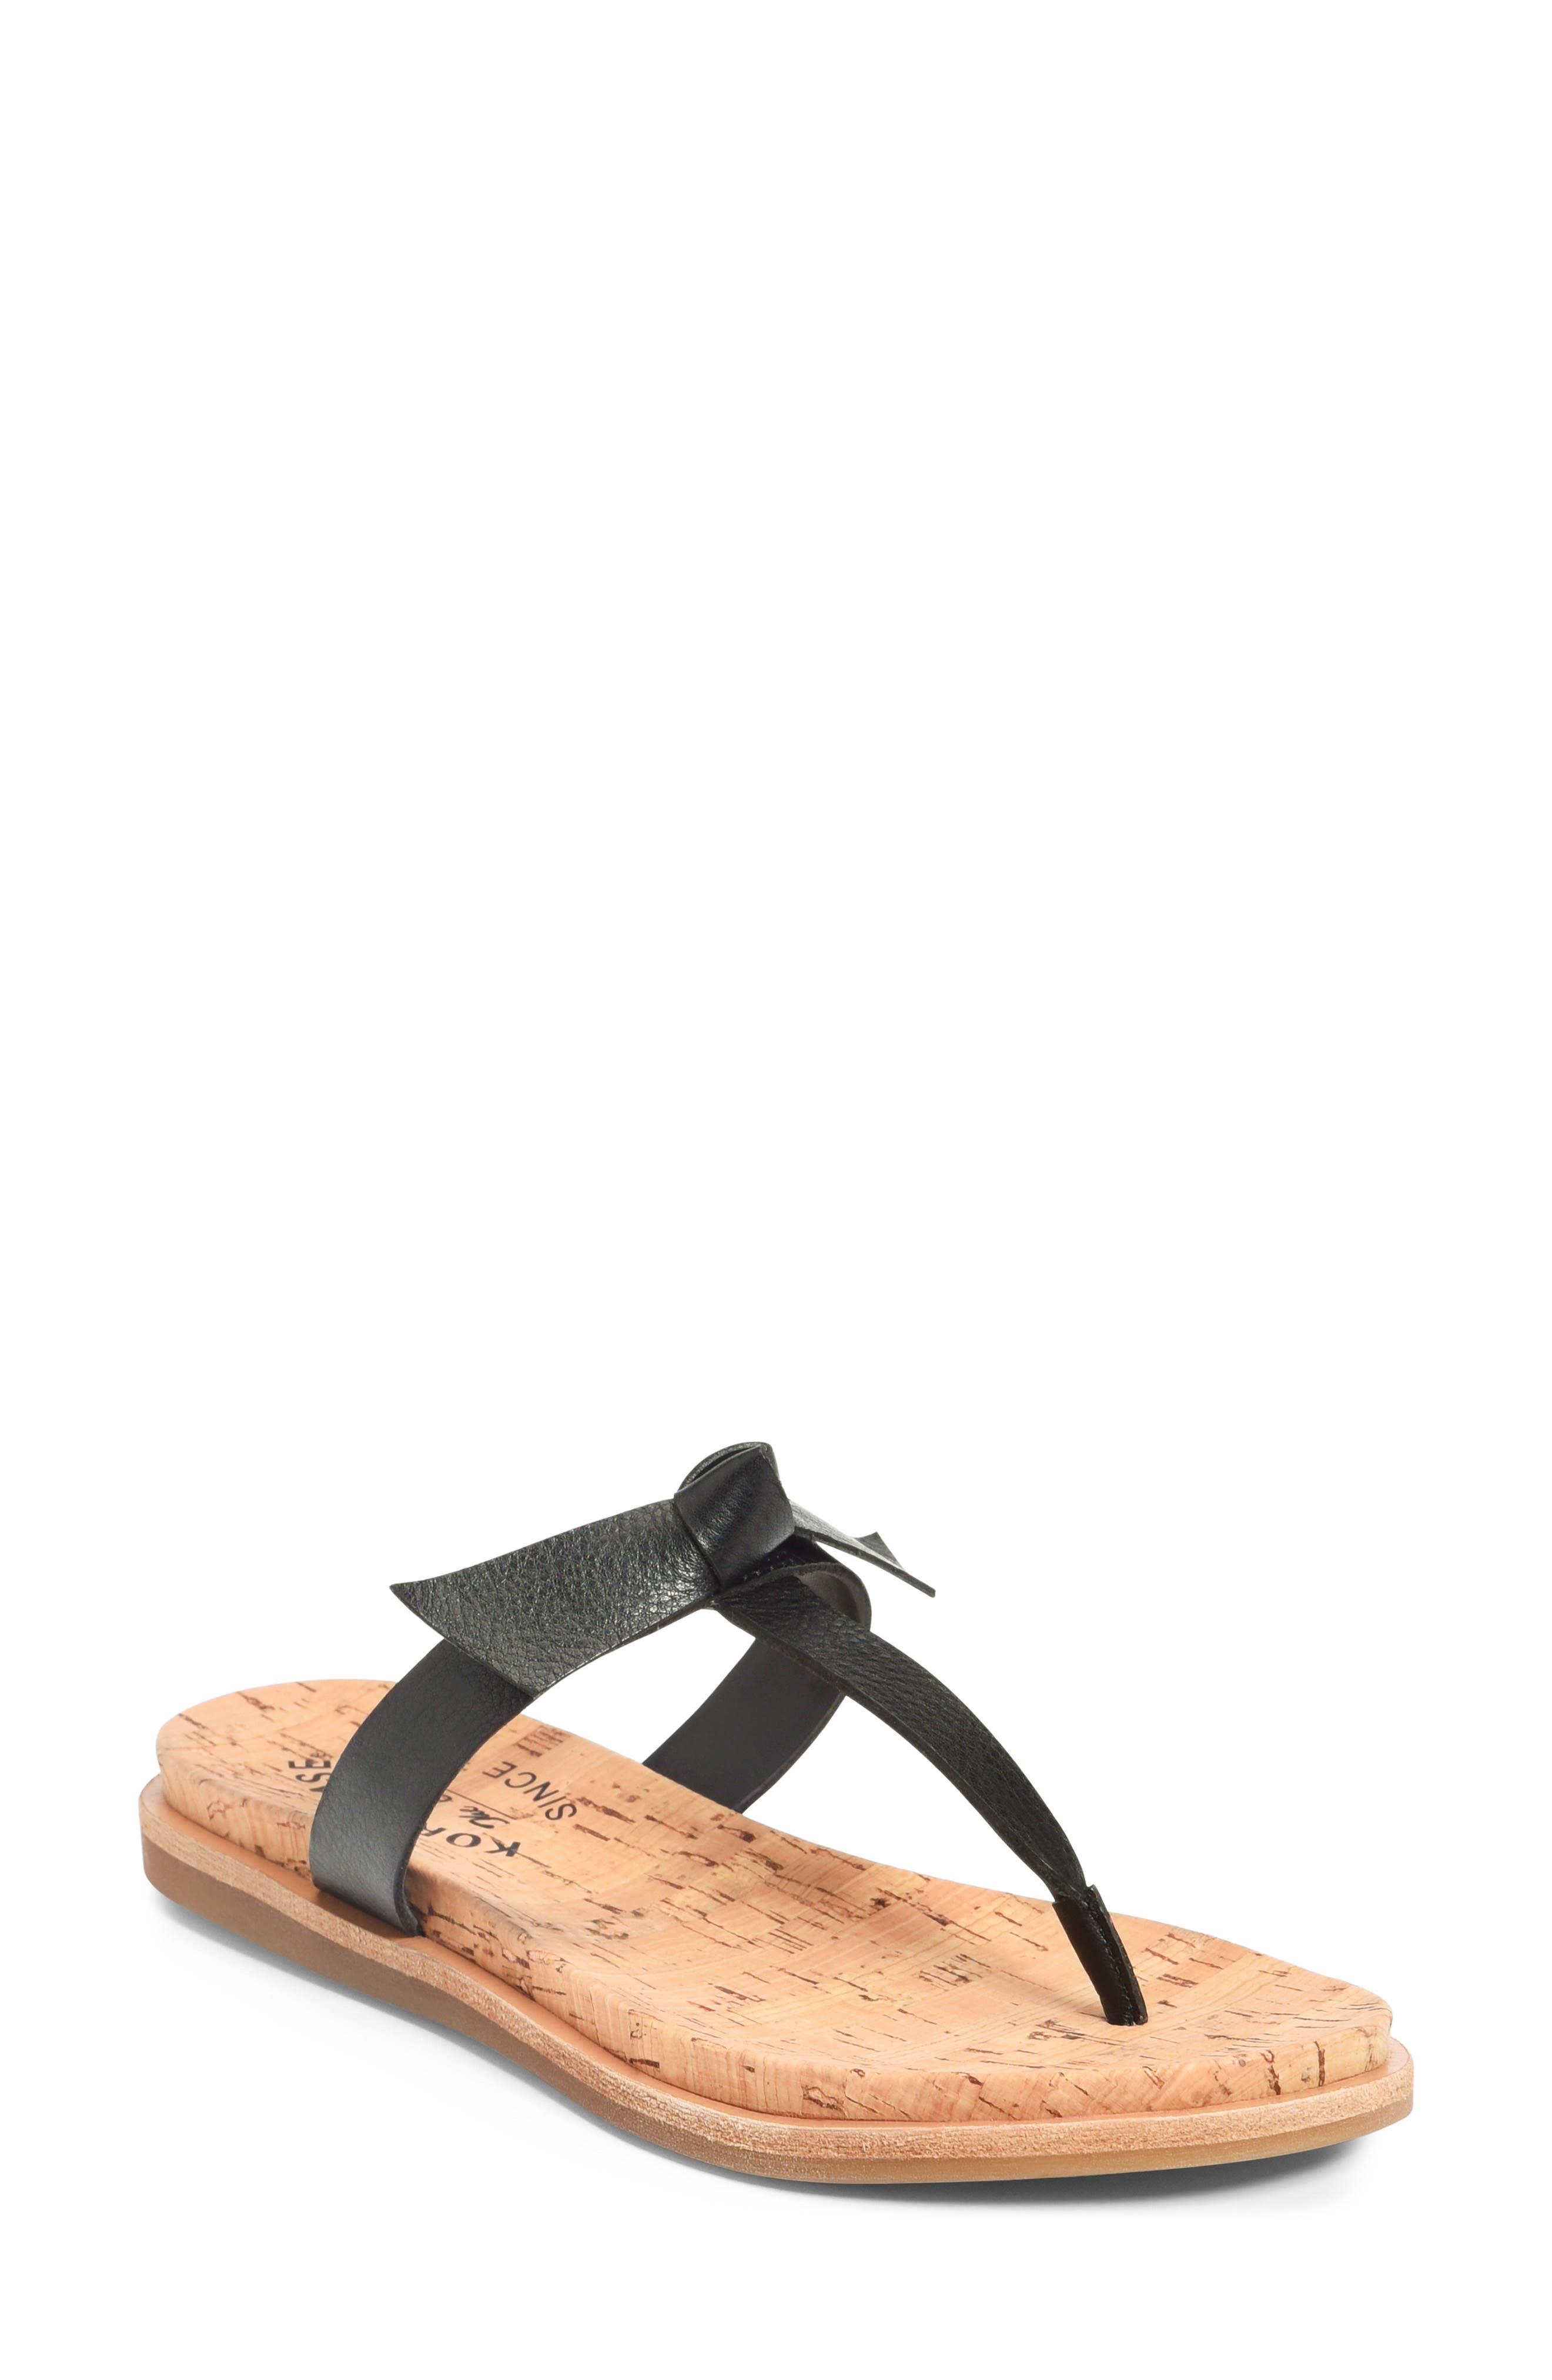 Women's Kork-Ease T-Strap Sandal